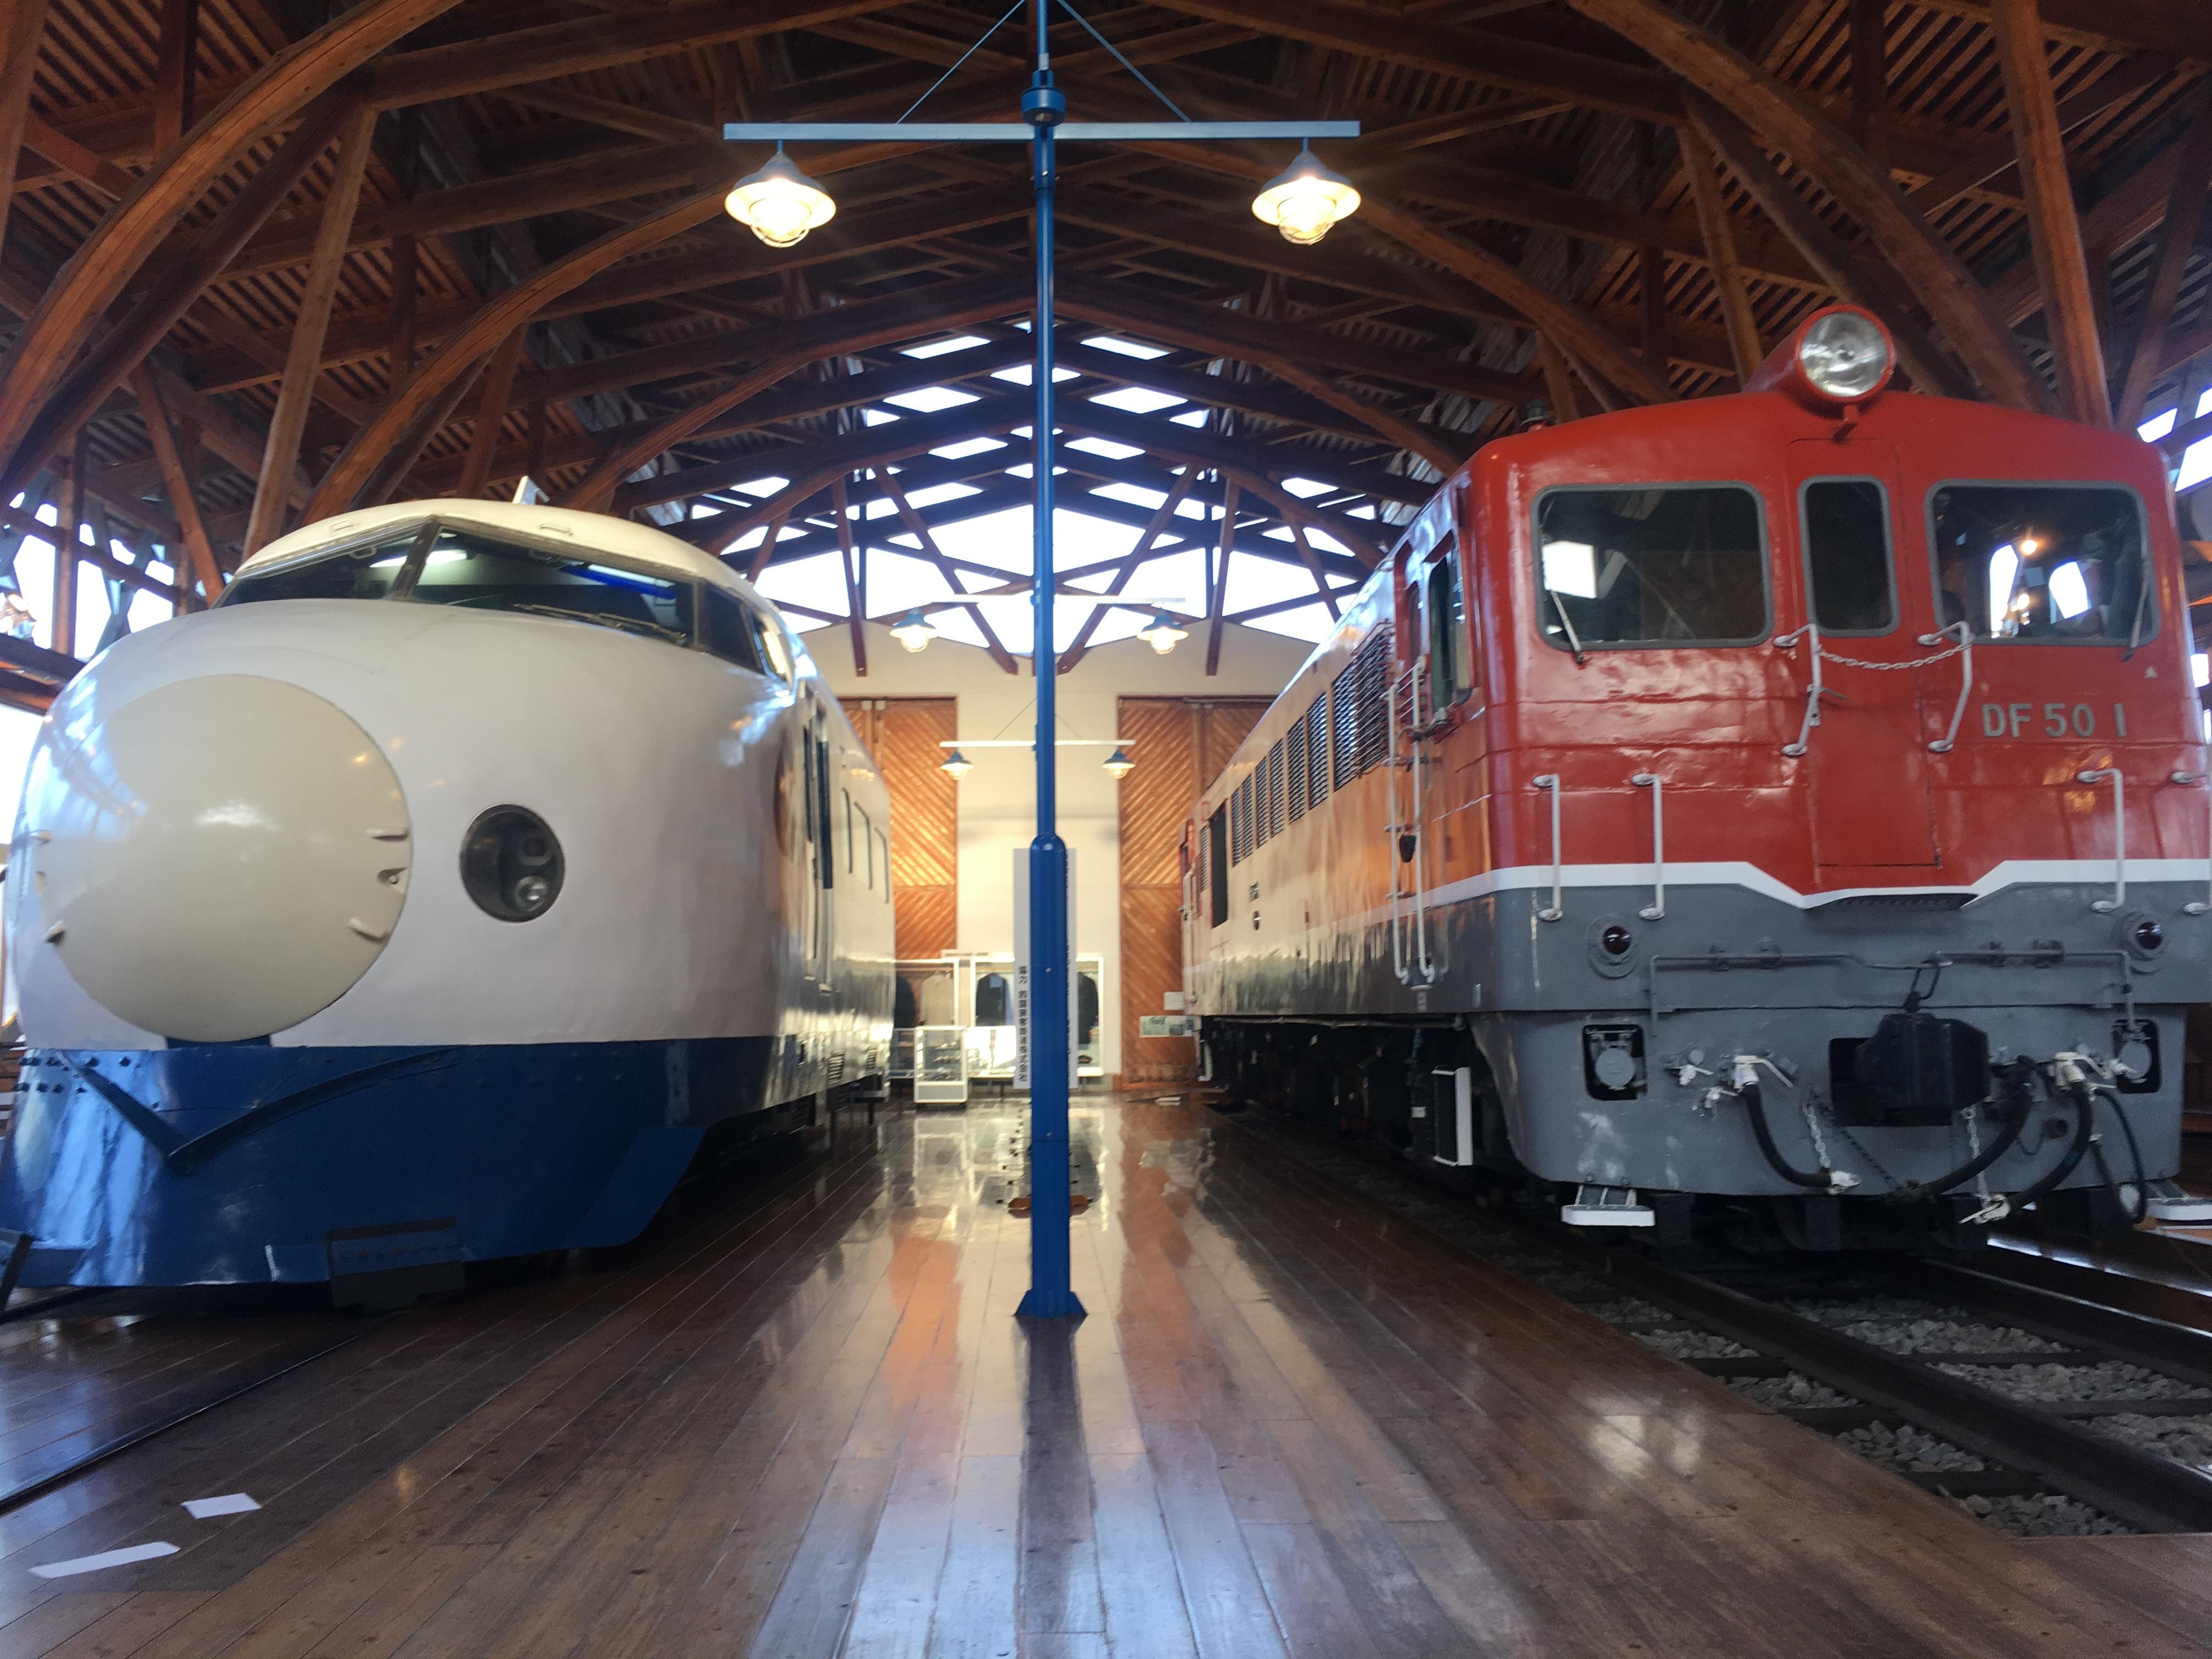 鉄道マニア必見!!西条市にある「鉄道歴史パークin SAIJO」&「十河信二記念館」に行ってきました!